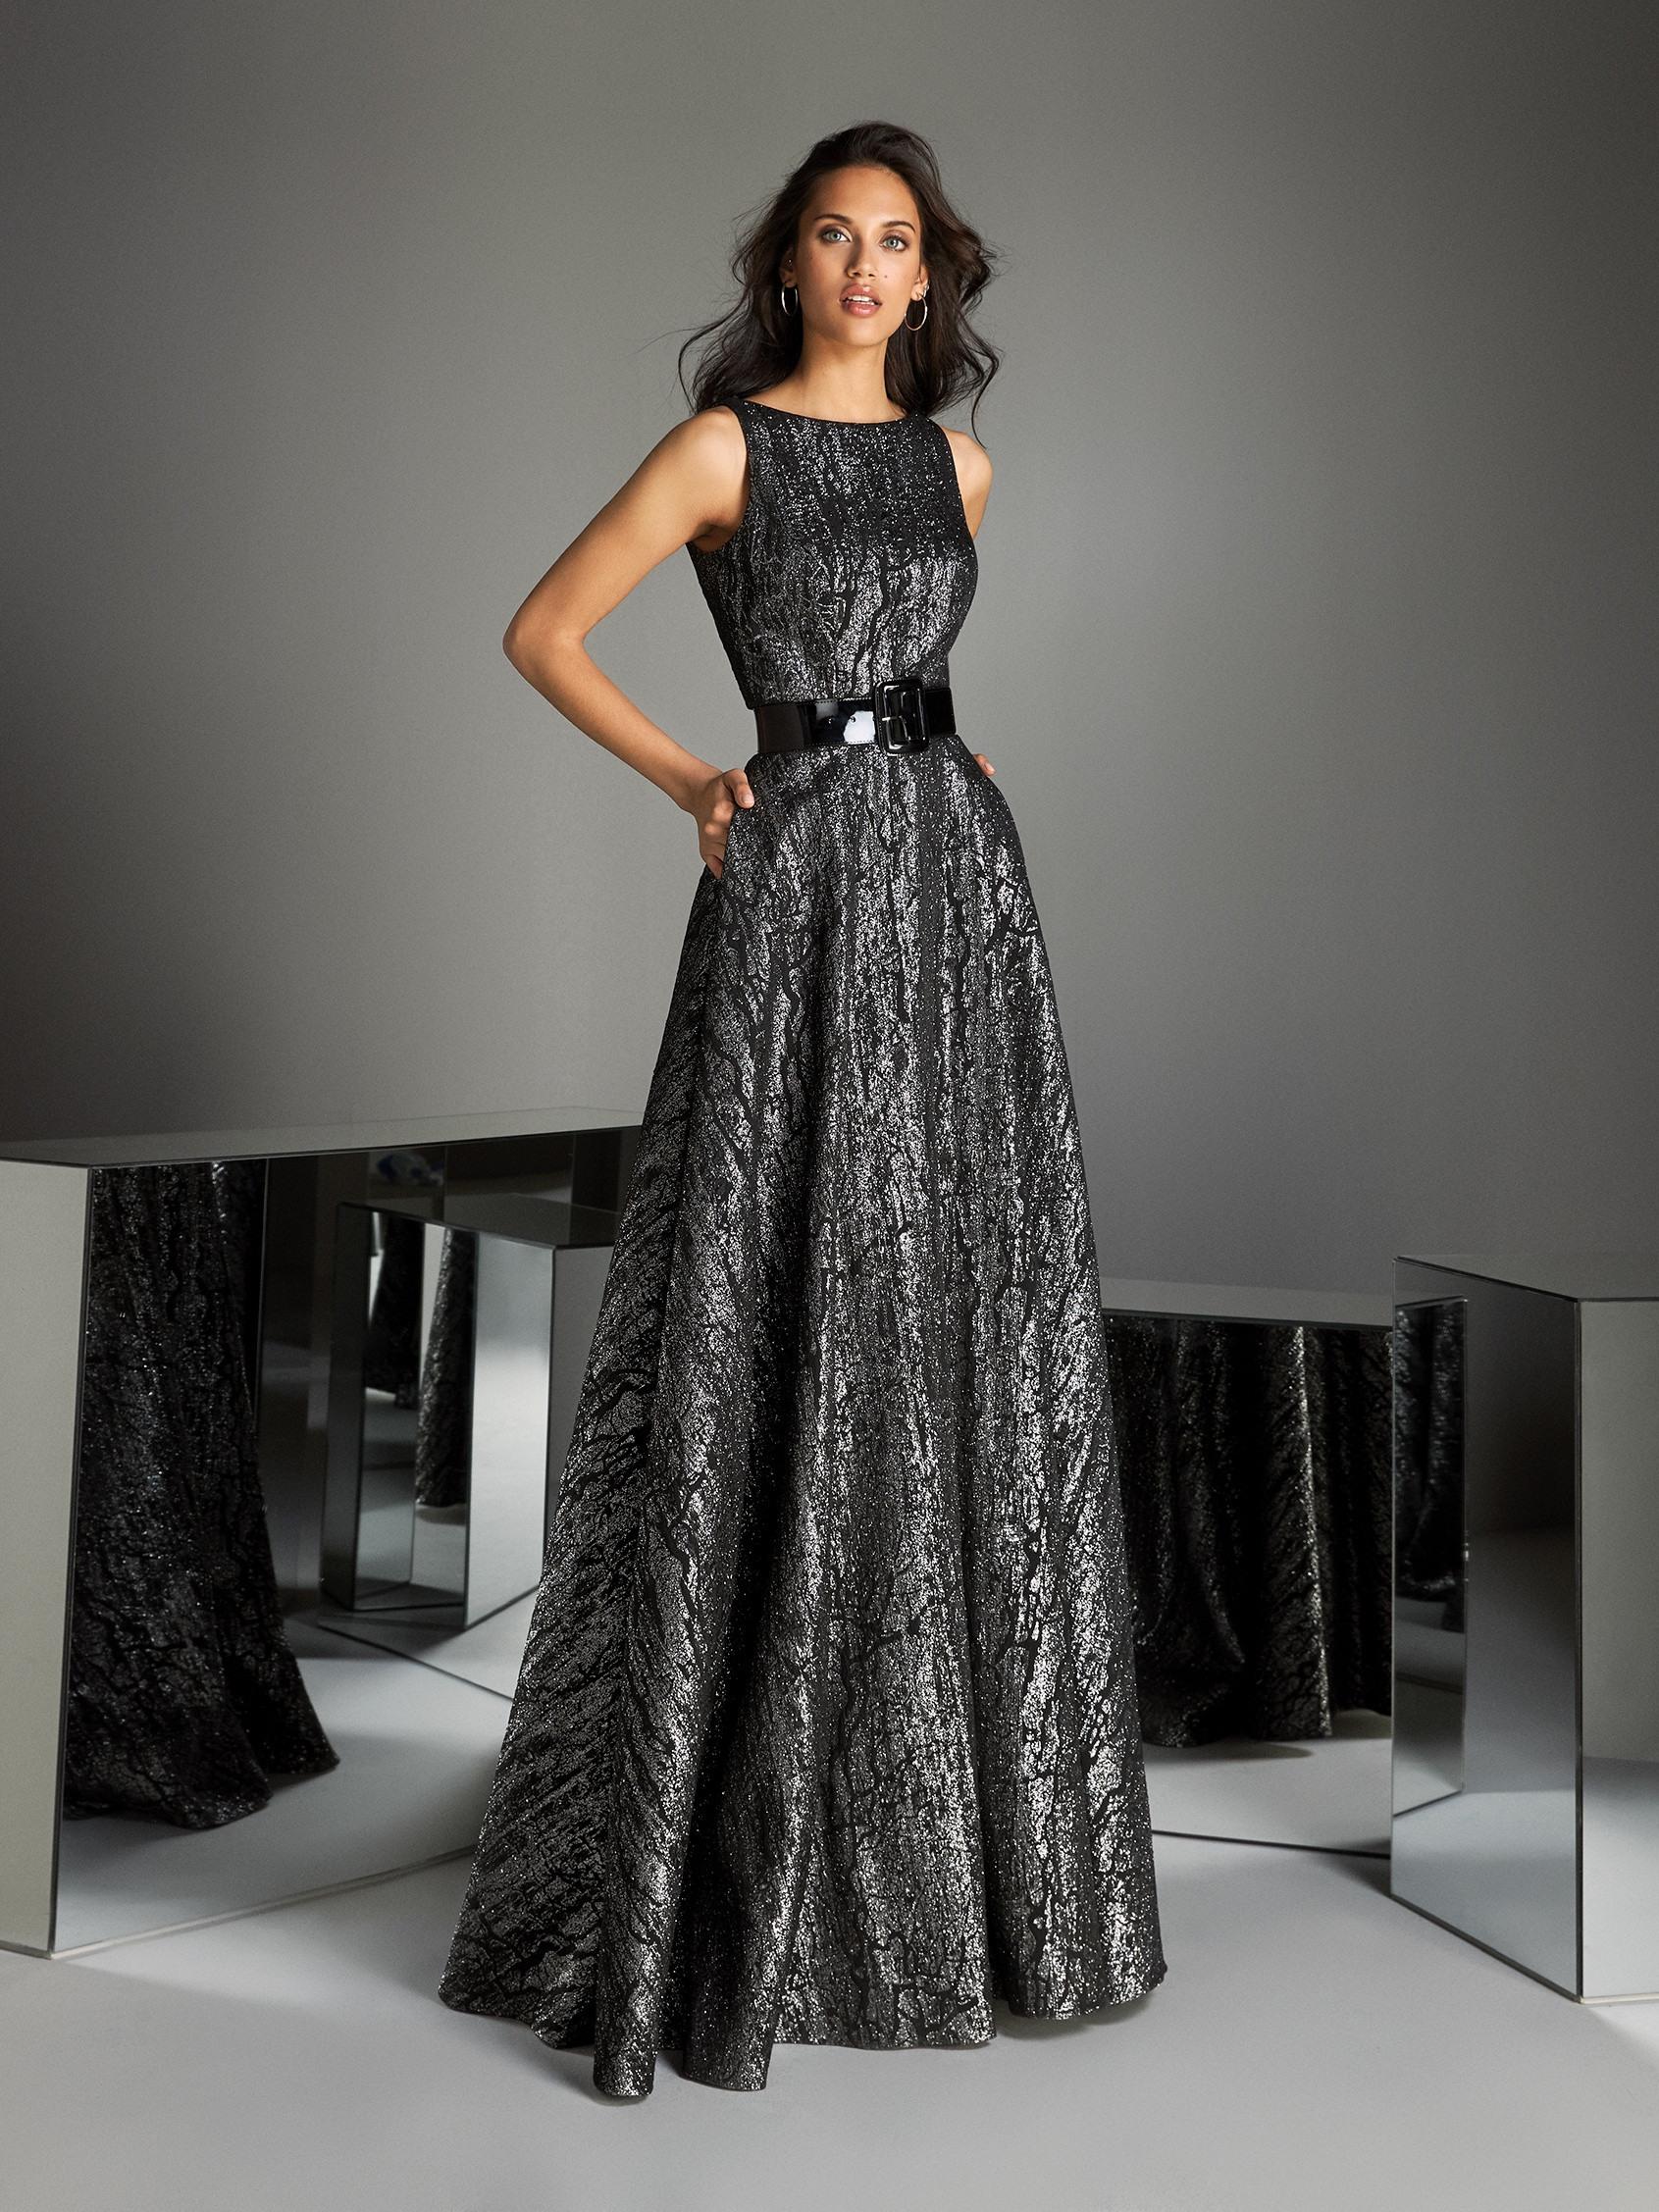 Abend Fantastisch Pronovias Abendkleid Galerie - Abendkleid